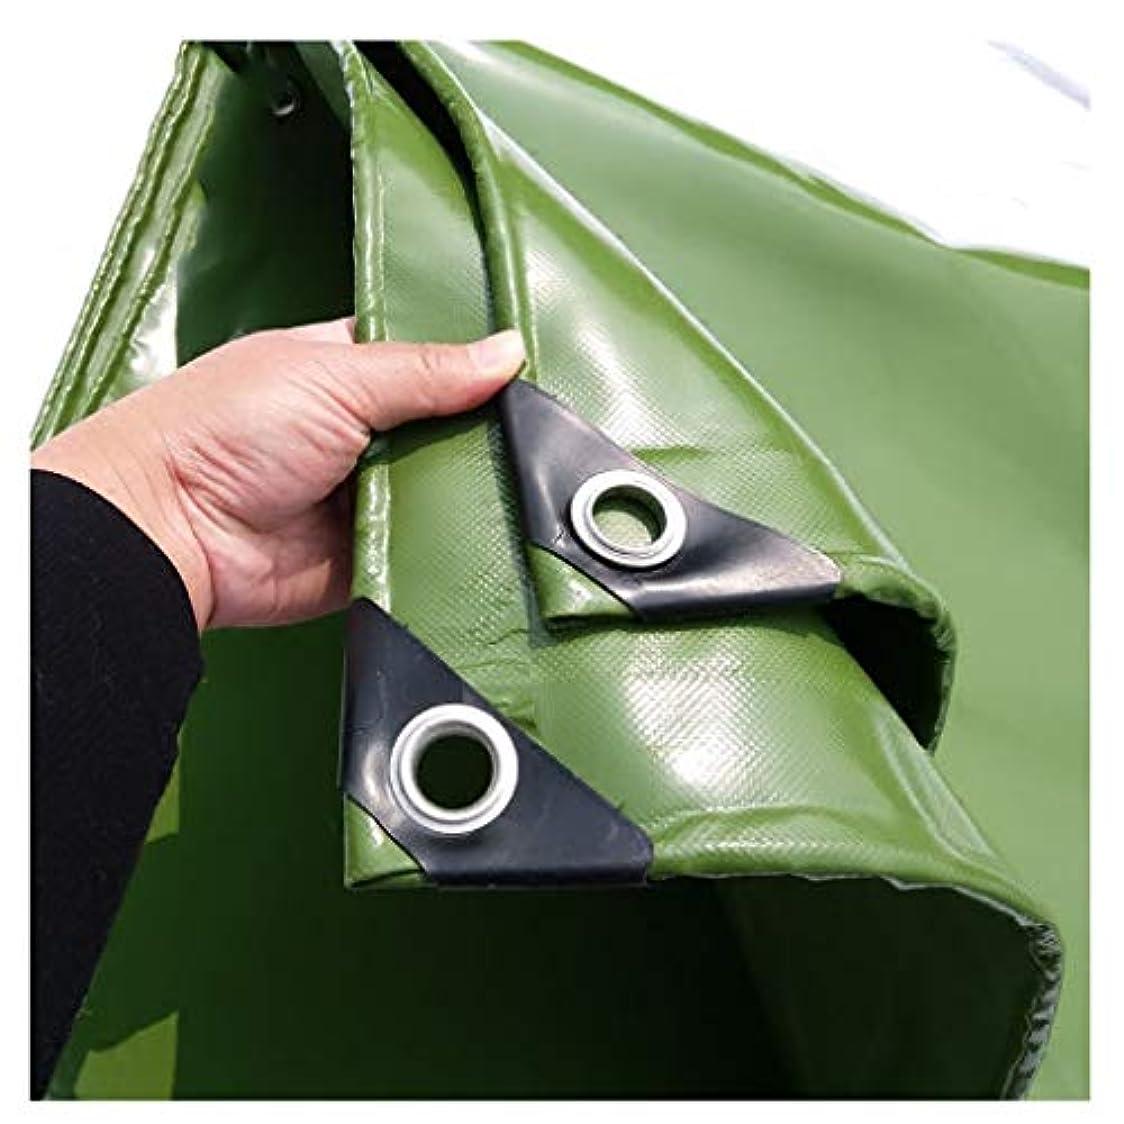 鮮やかな用語集驚いたことに遮光ネット ポリエステル素材厚い防水ポンチョ/防水織物/屋外ファミリーカーキャンプ 迷彩ネット屋外隠しテント (サイズ さいず : 3*8m)